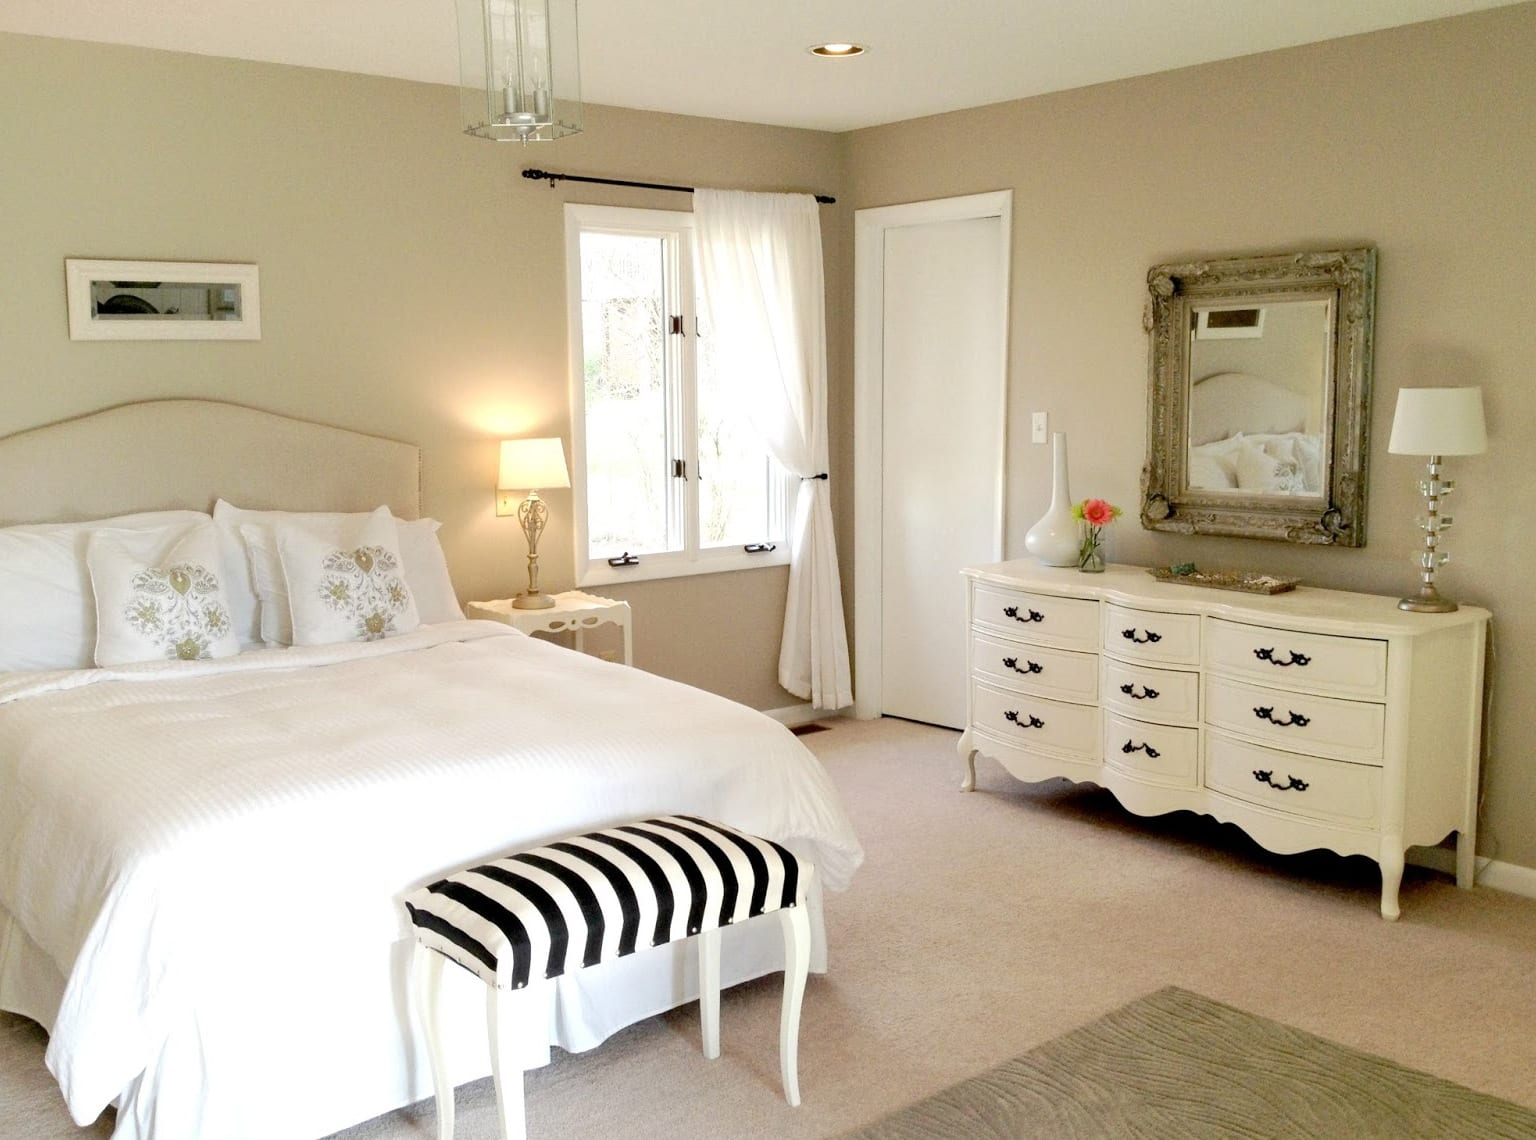 Elegante deko idee schlafzimmer und farbgestaltung in wei - Wandfarbe weiay ...